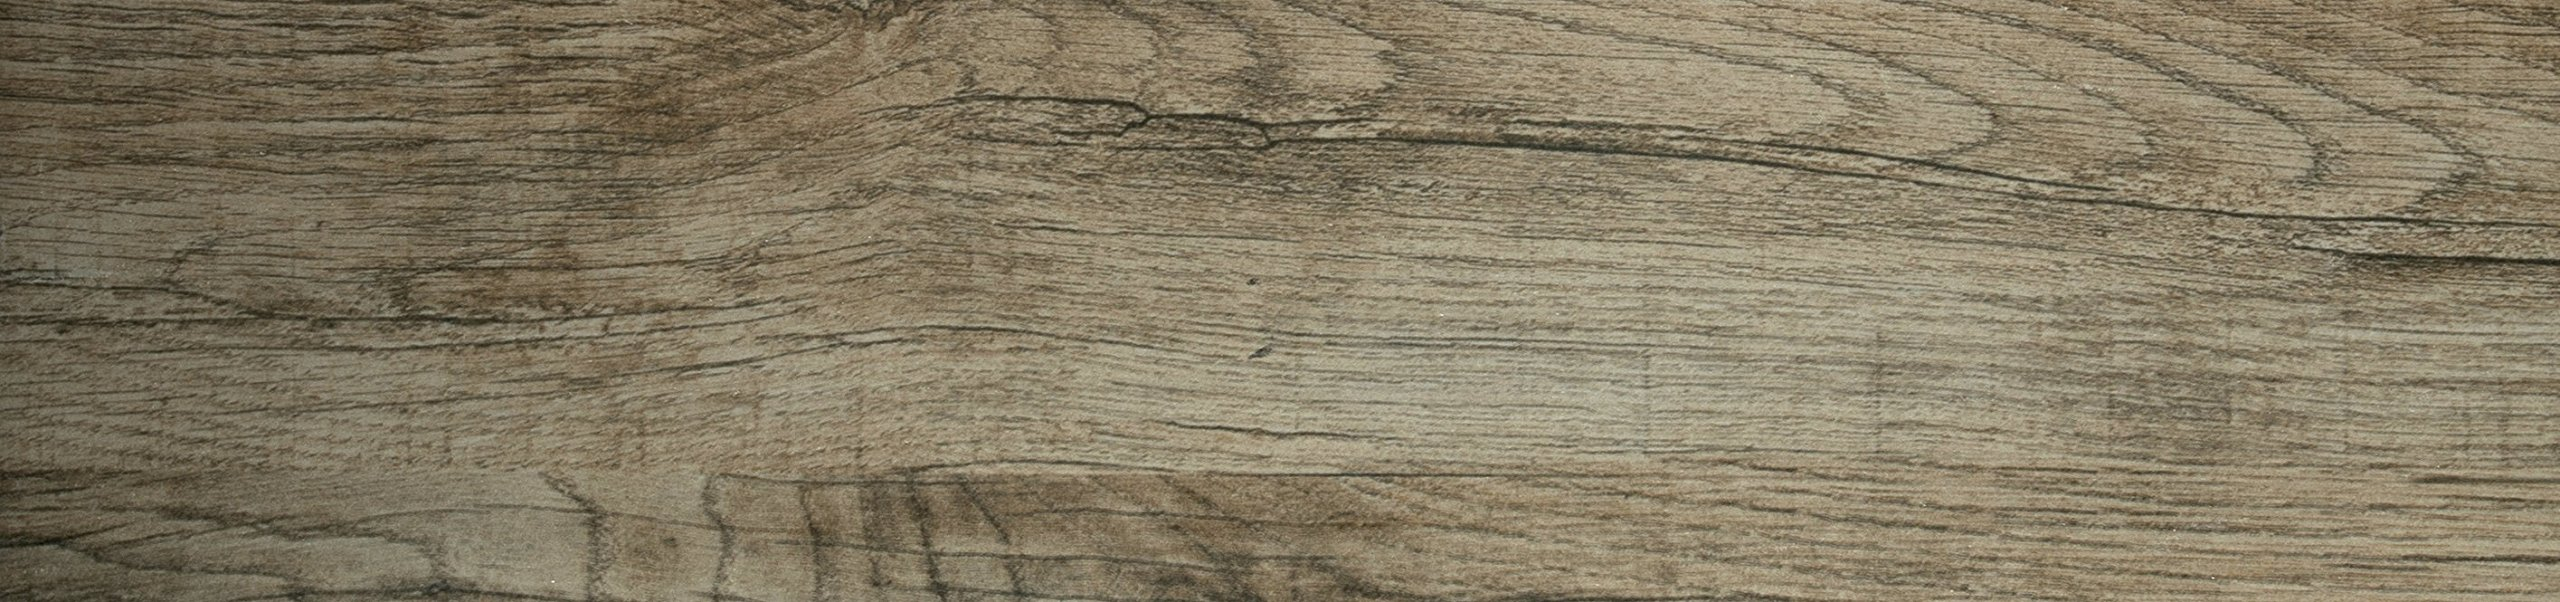 Emser Tile ''Woodwork'' SBN Porcelain Tile, 3'' x 24'', Hillsboro by Emser Tile (Image #1)